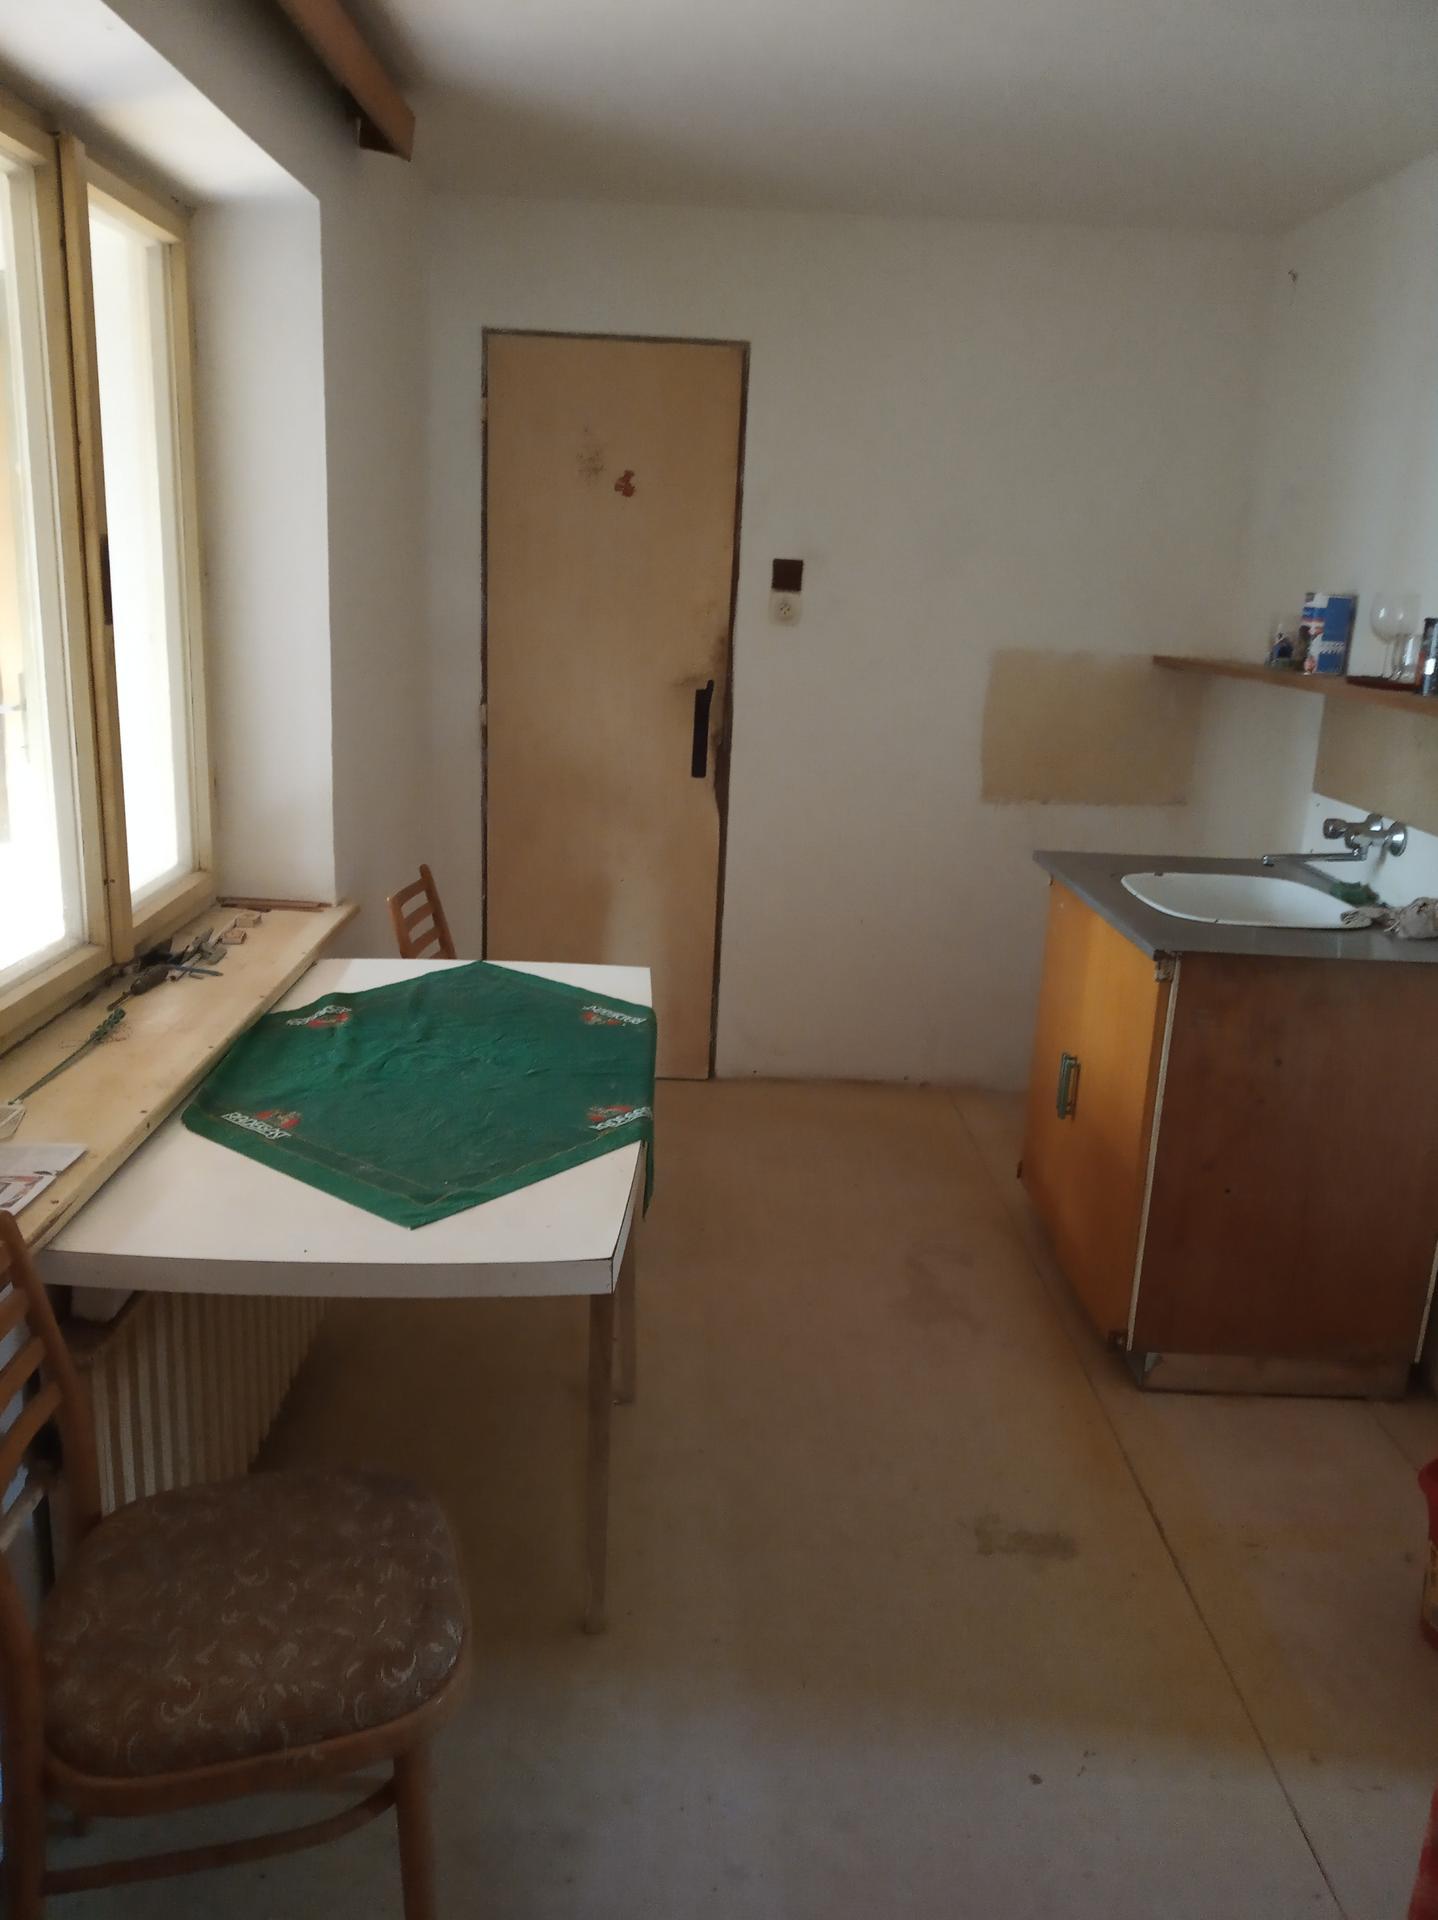 Kuchyň - téměř vyklizená kuchyň